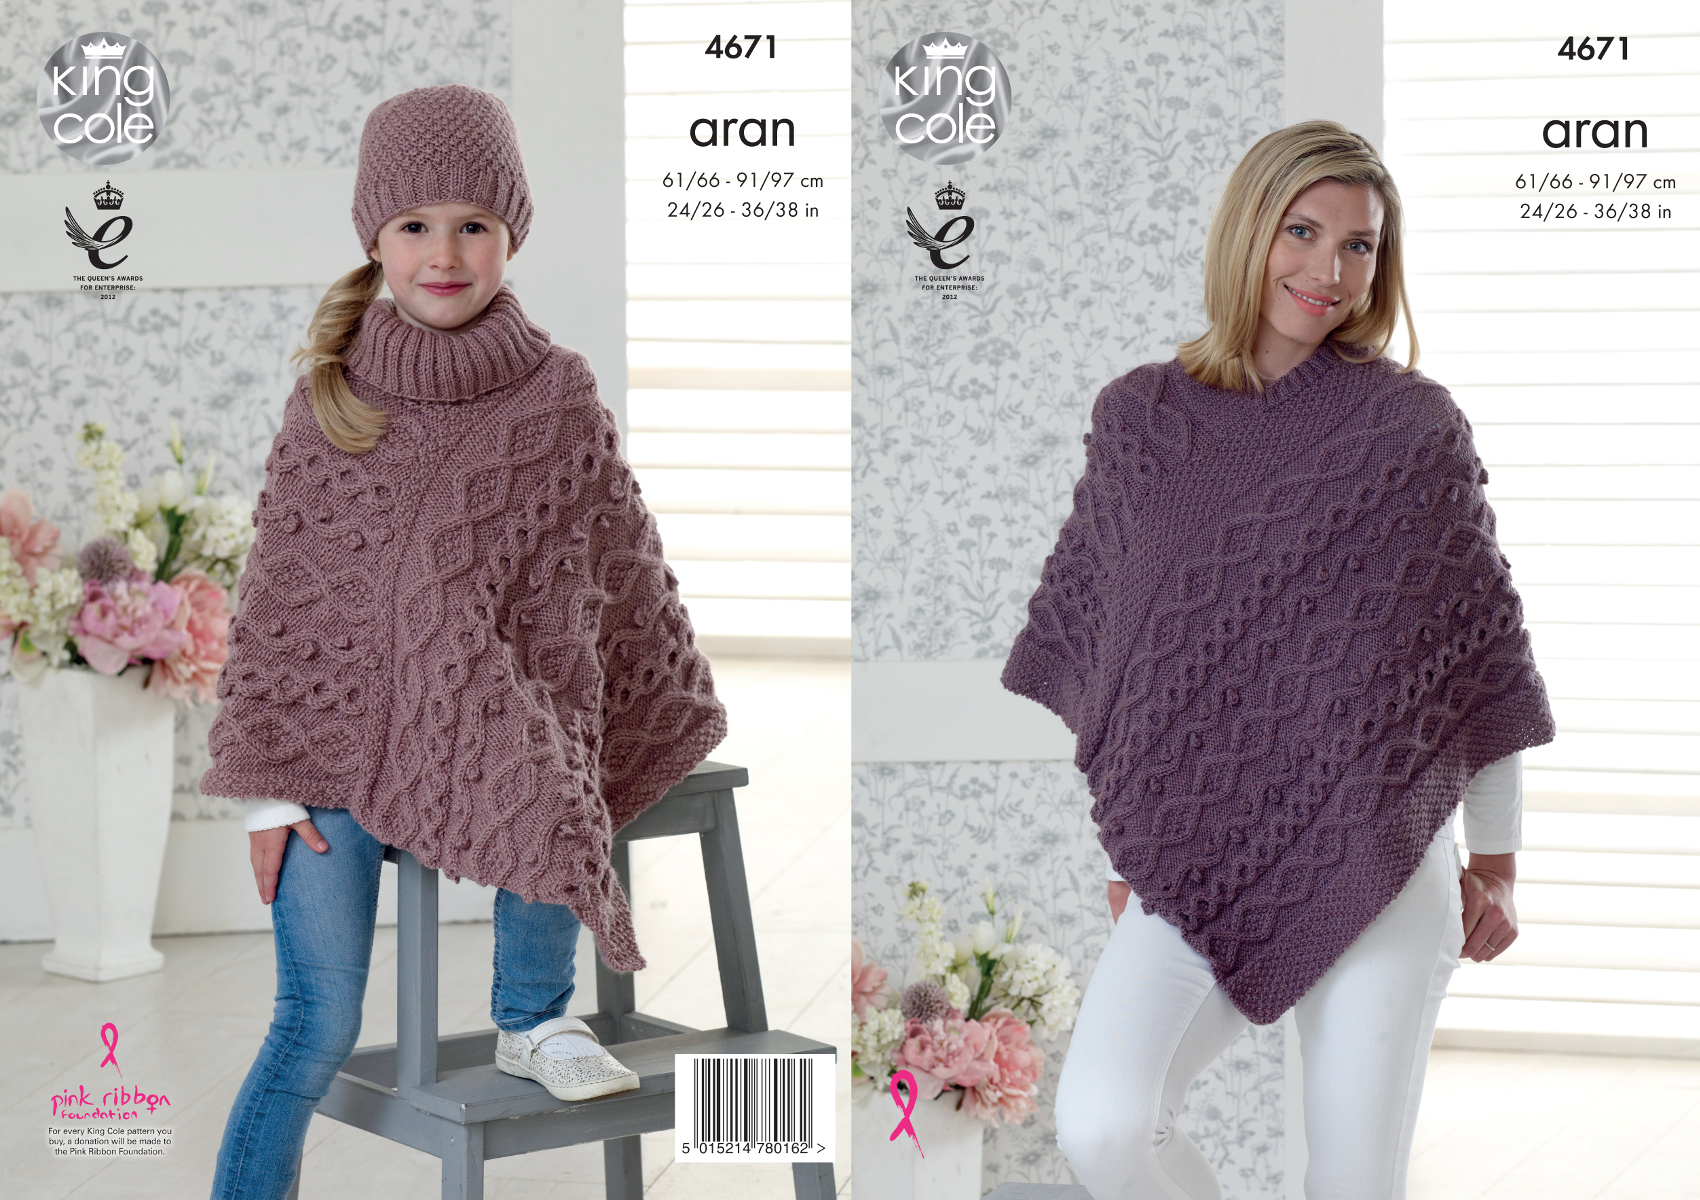 Aran Knitting Patterns Free King Cole Ladies Girls Aran Knitting Pattern V Or Polo Neck Poncho